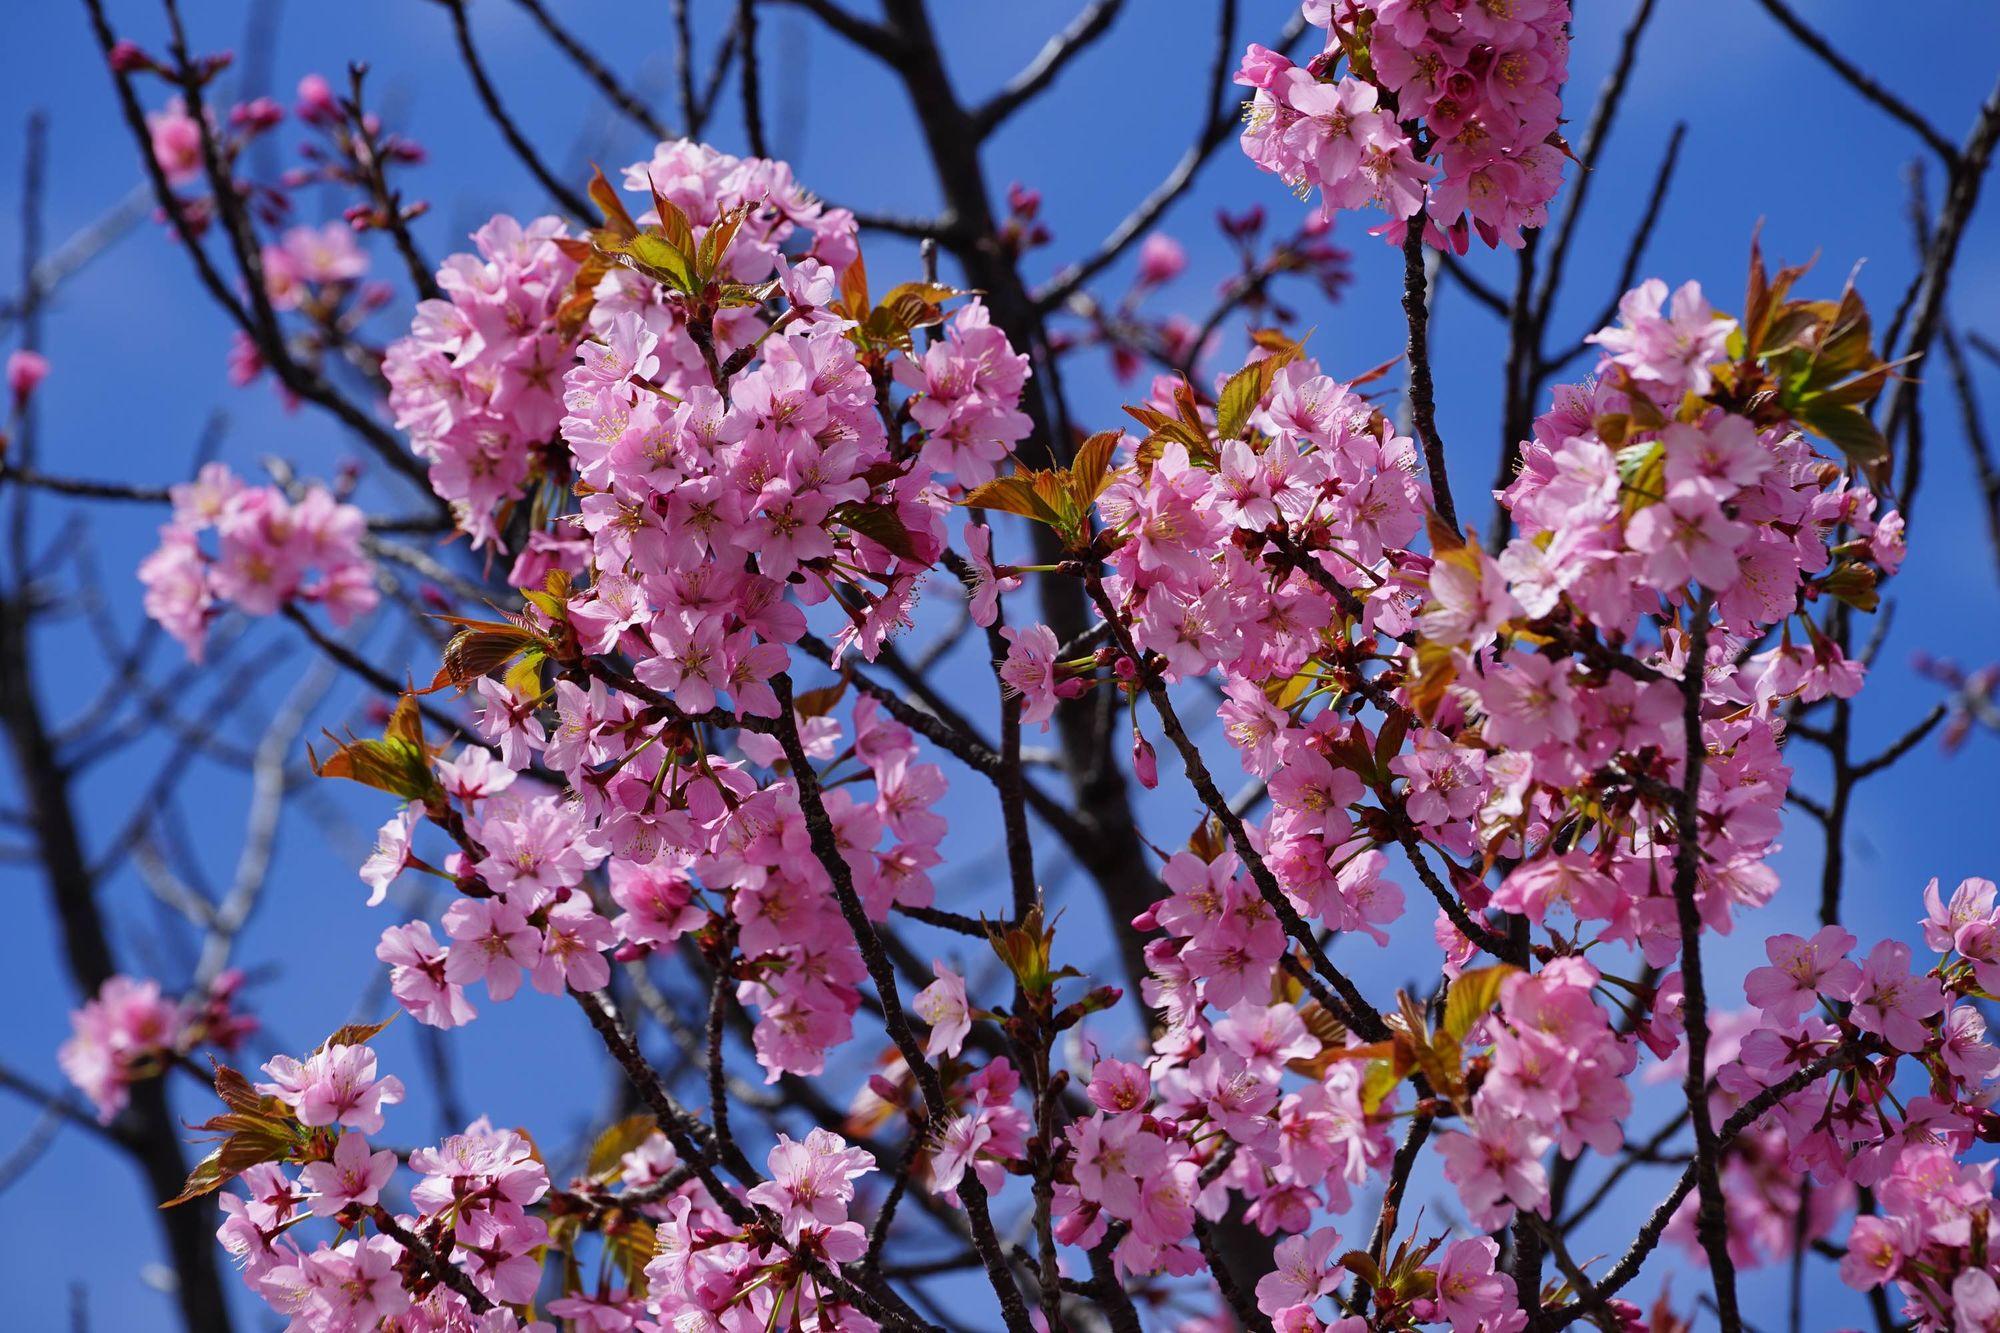 早起鸟儿的赏樱与拍花乐趣